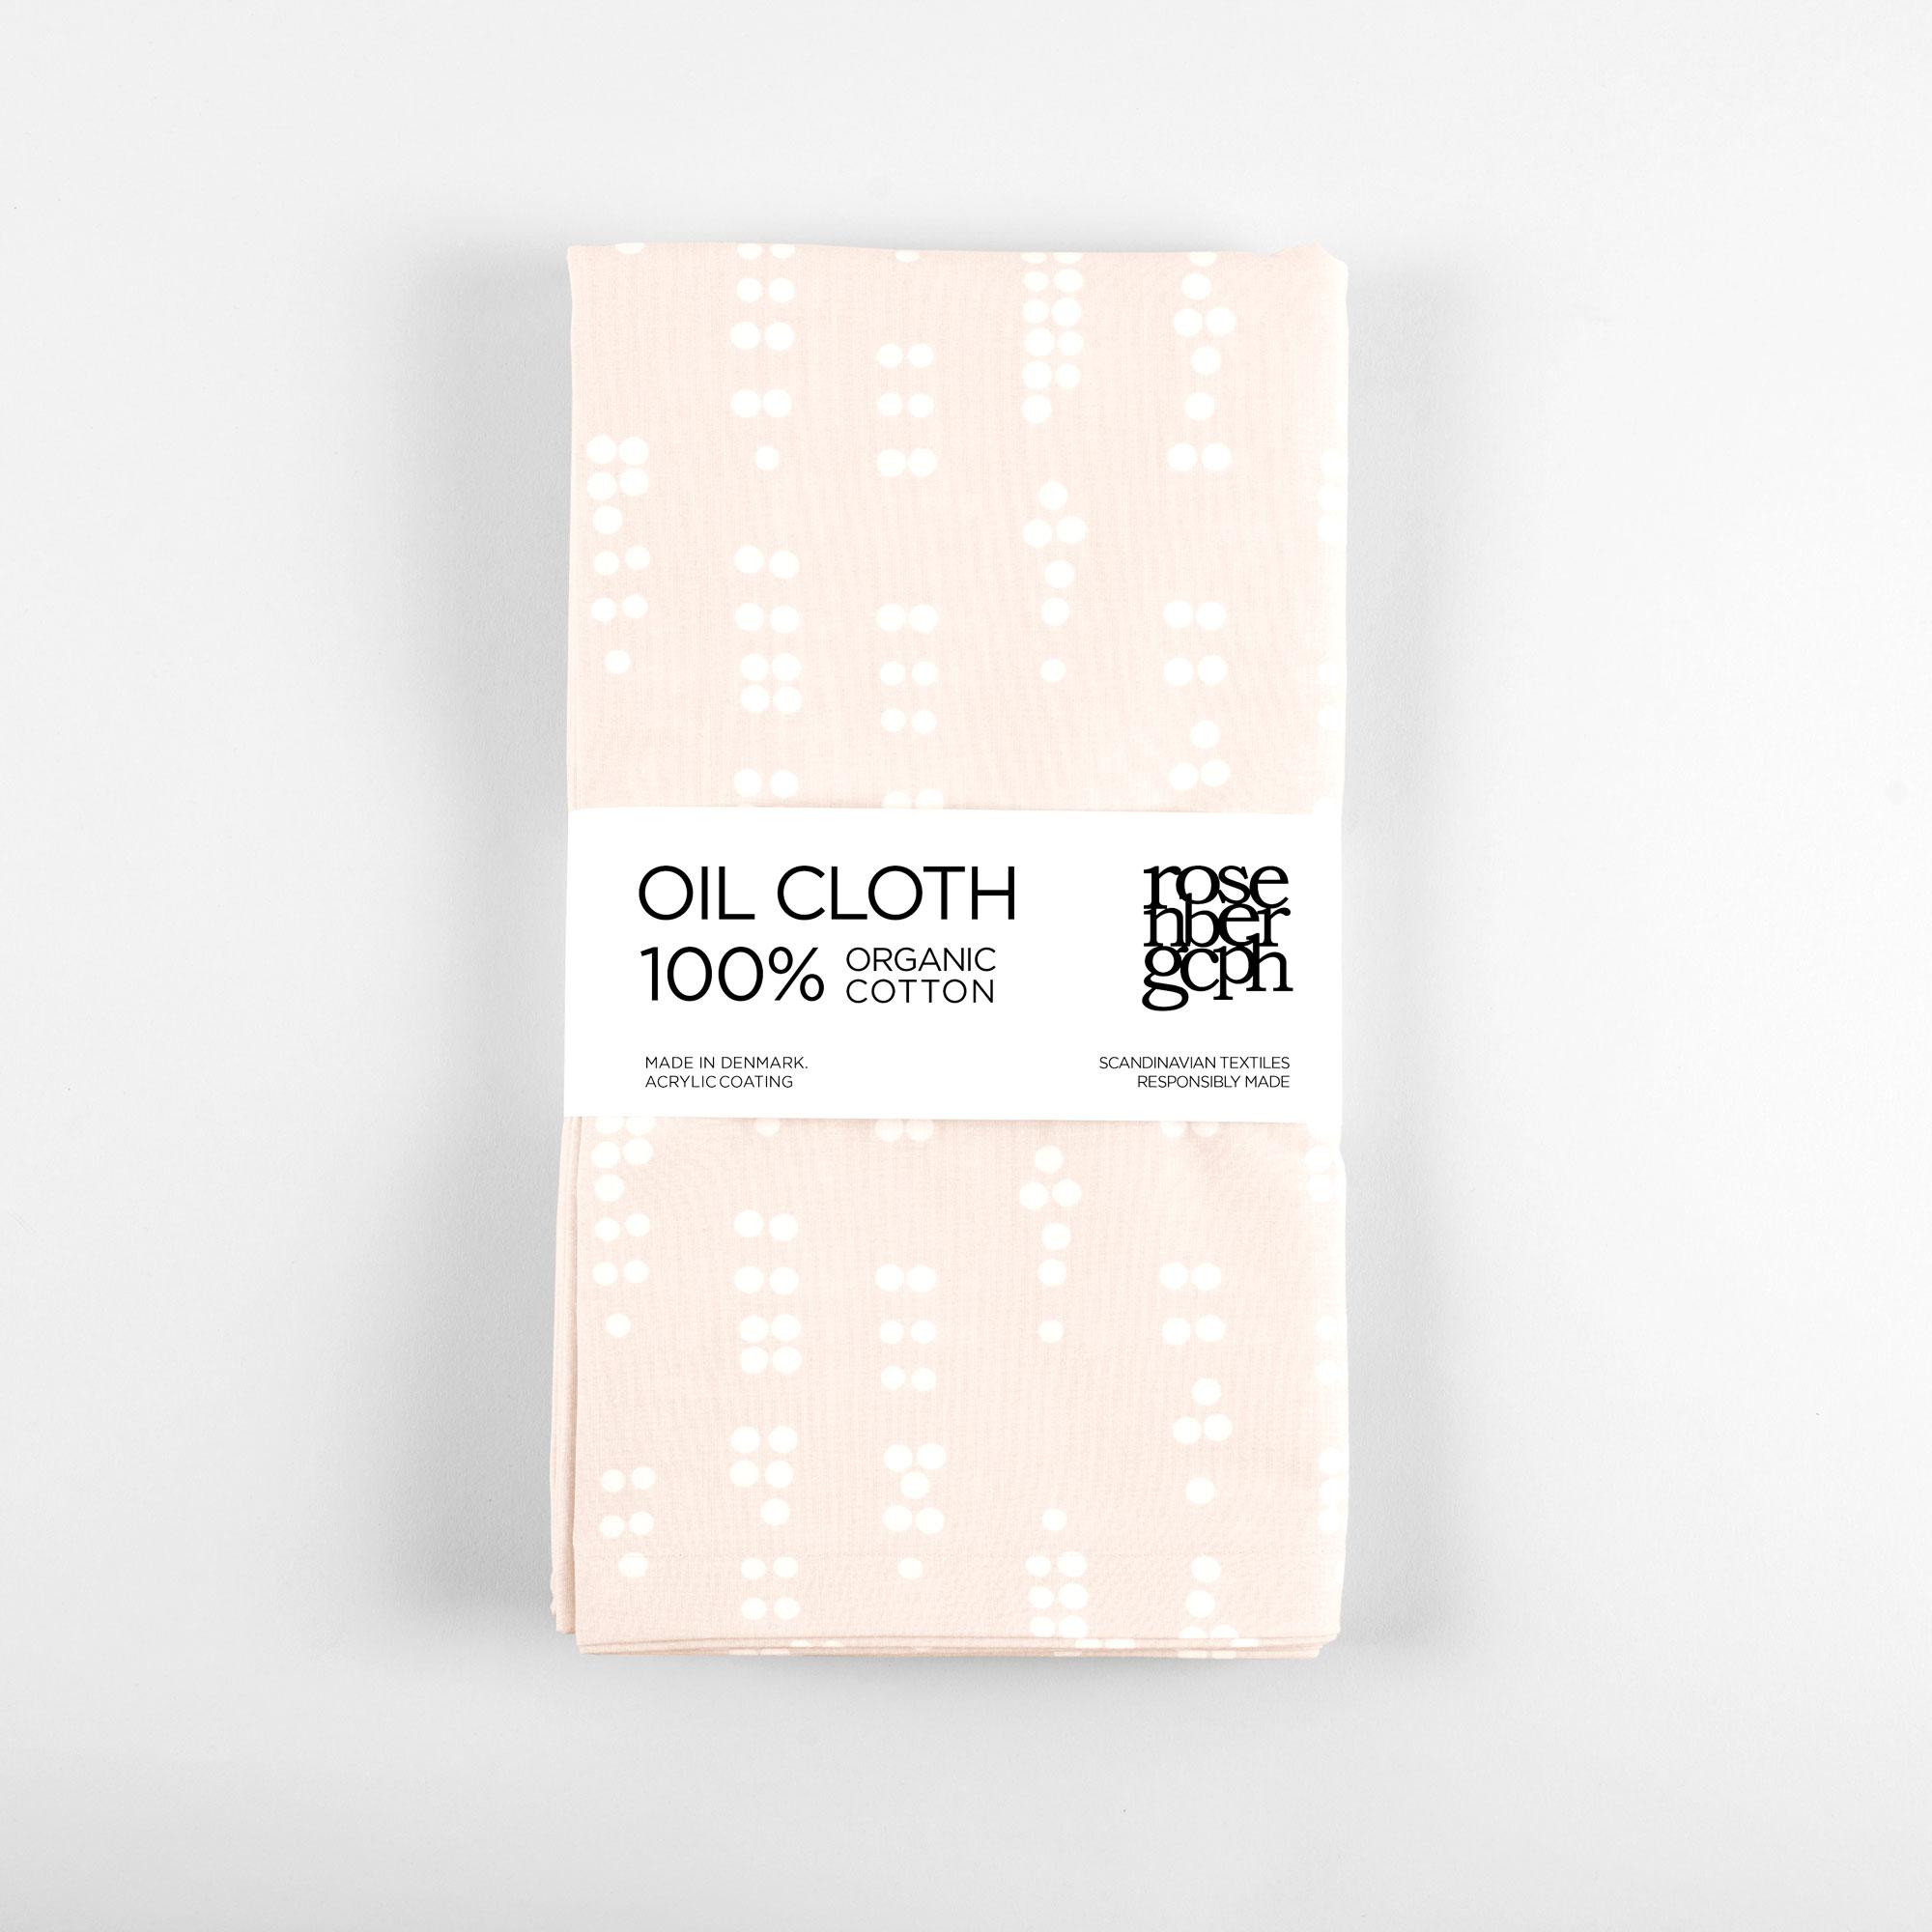 Oil cloth, Dot Sea Shell organic cotton design by Anne Rosenberg, RosenbergCph